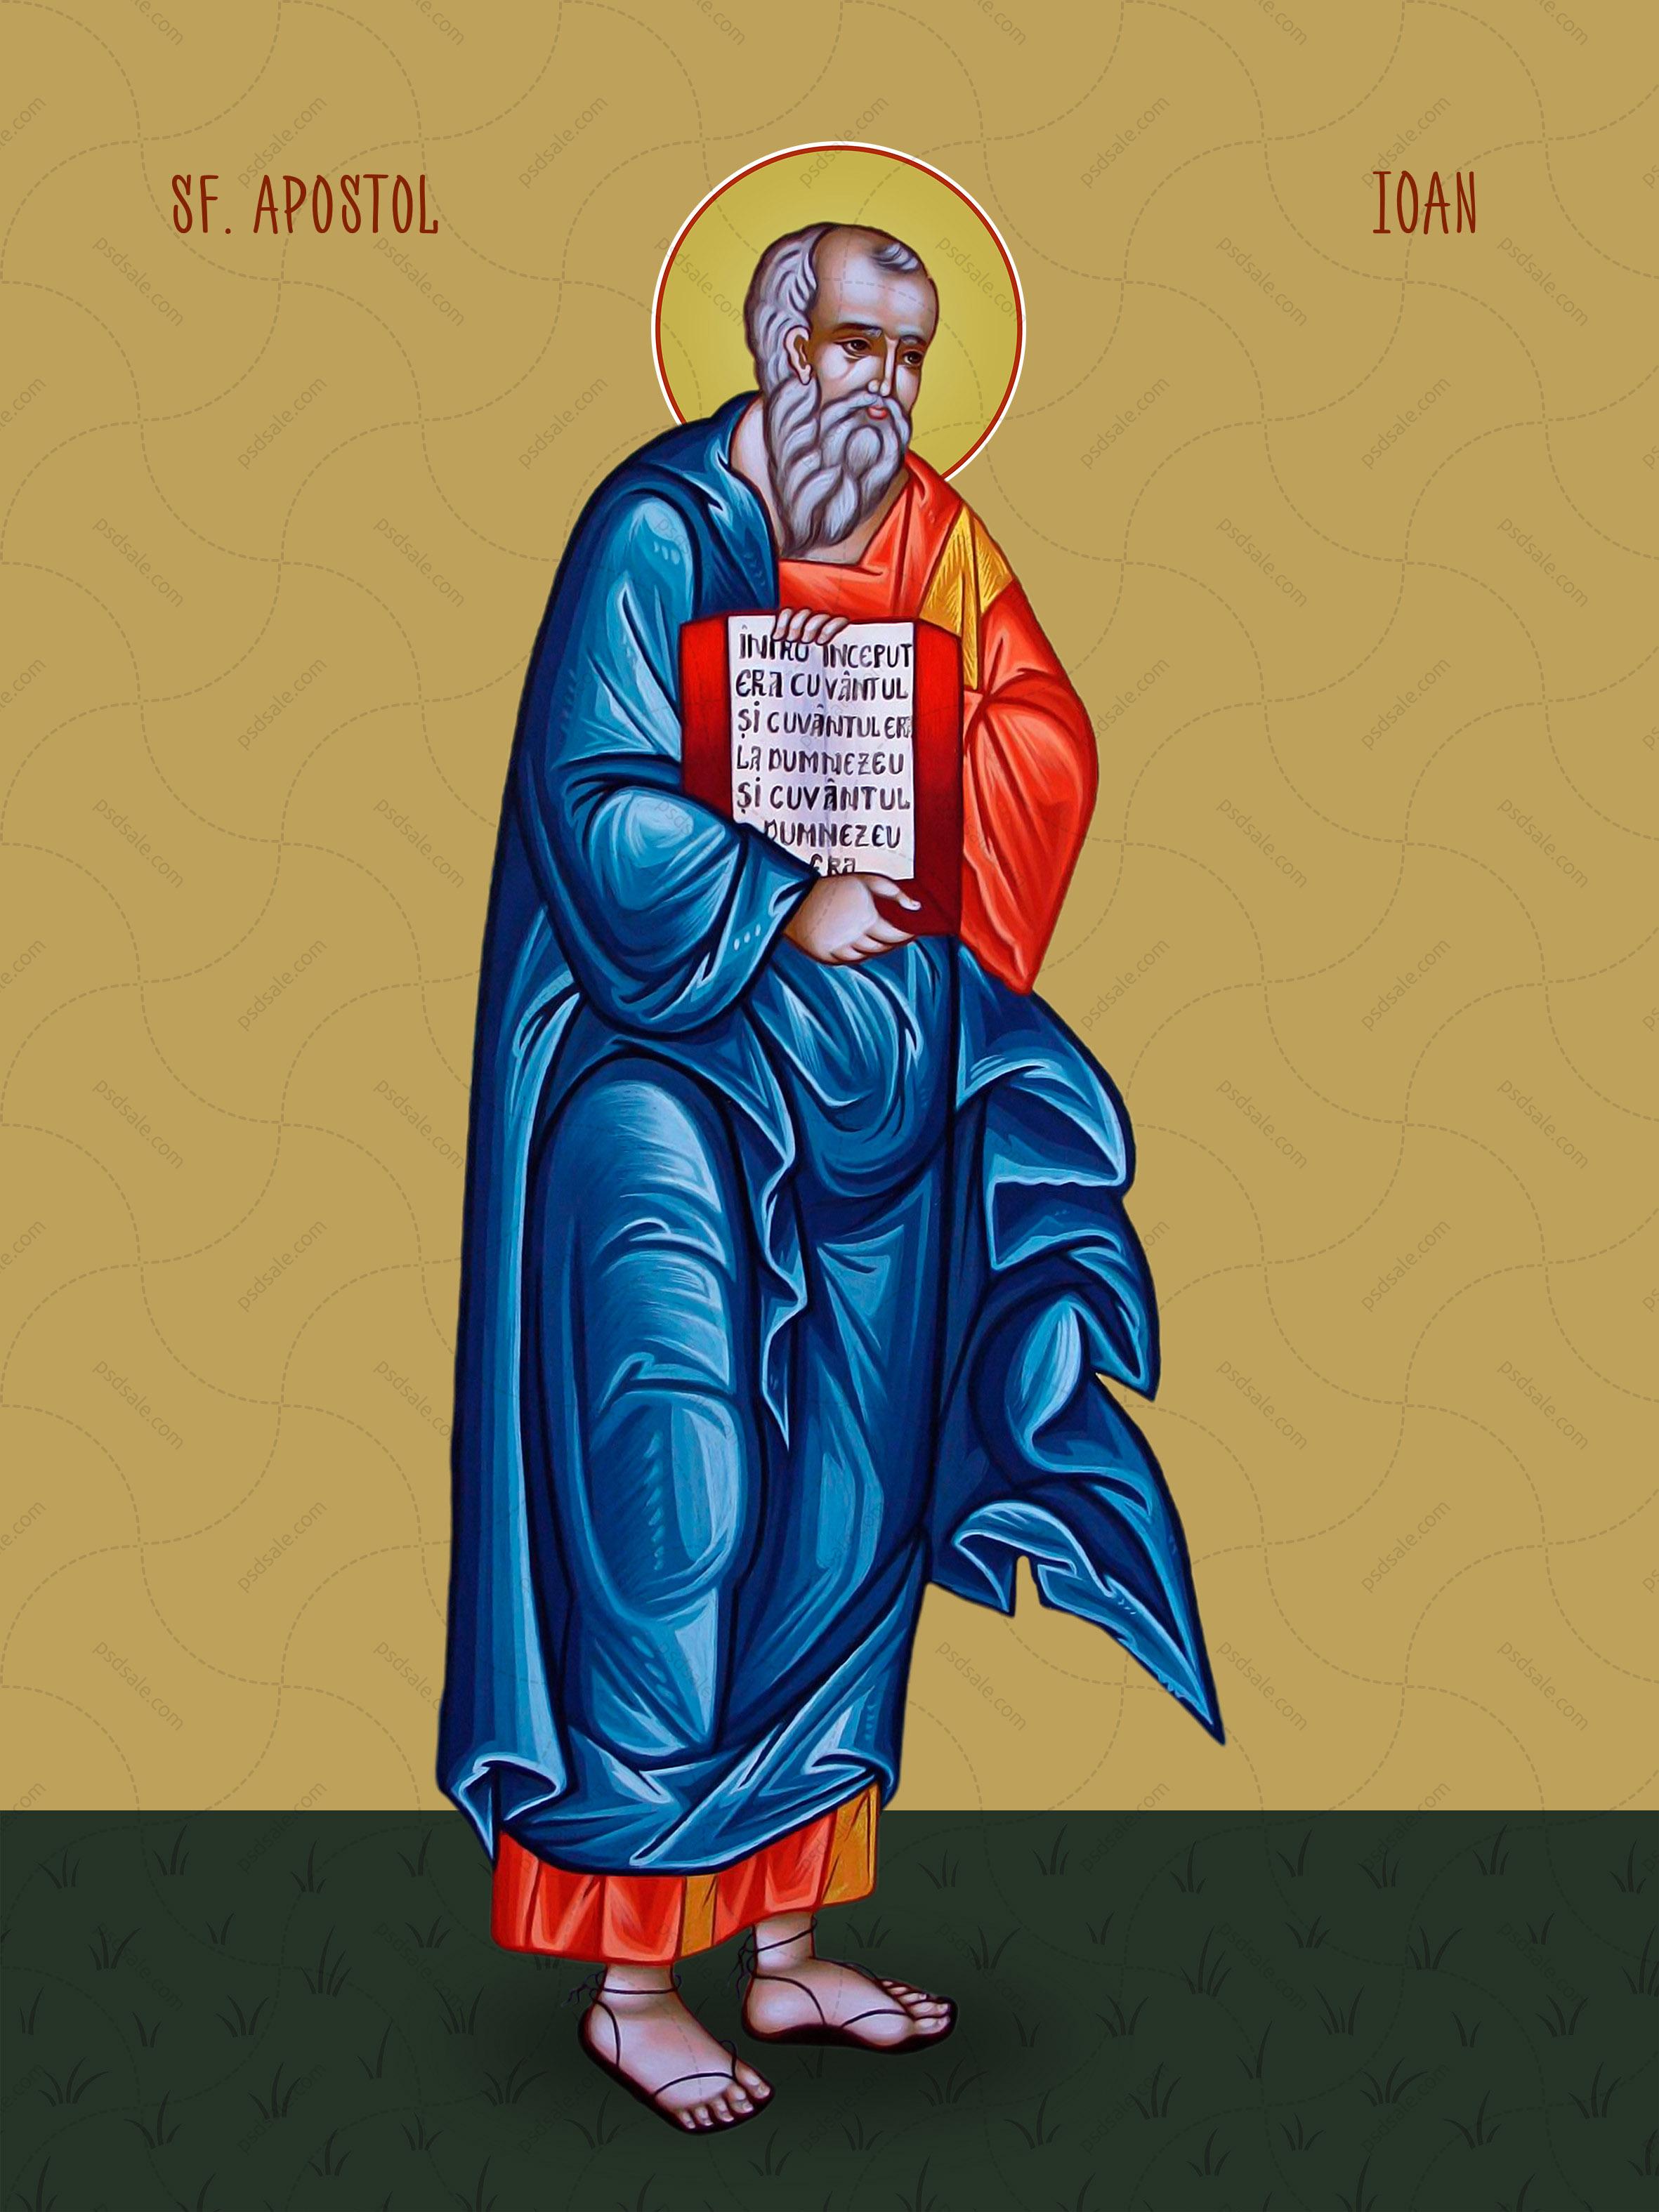 Иоанн, апостол